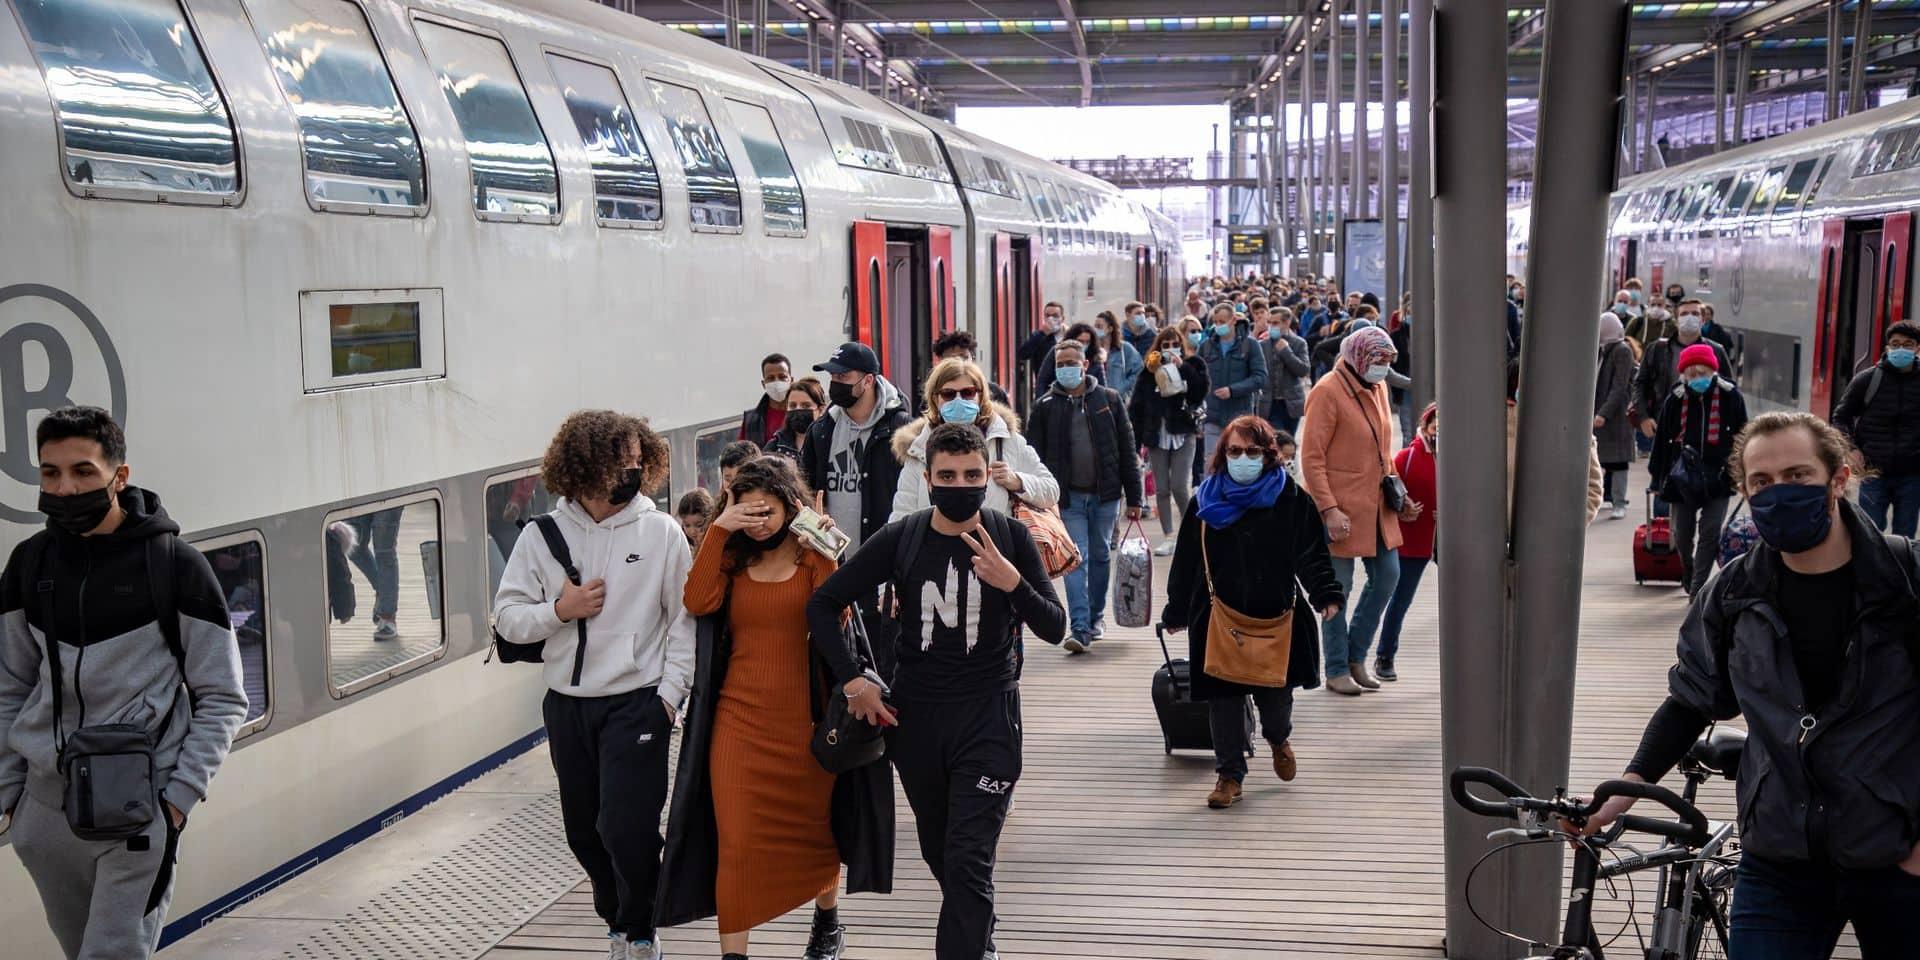 Limiter le flux des voyageurs vers la mer: le casse-tête imposé à la SNCB